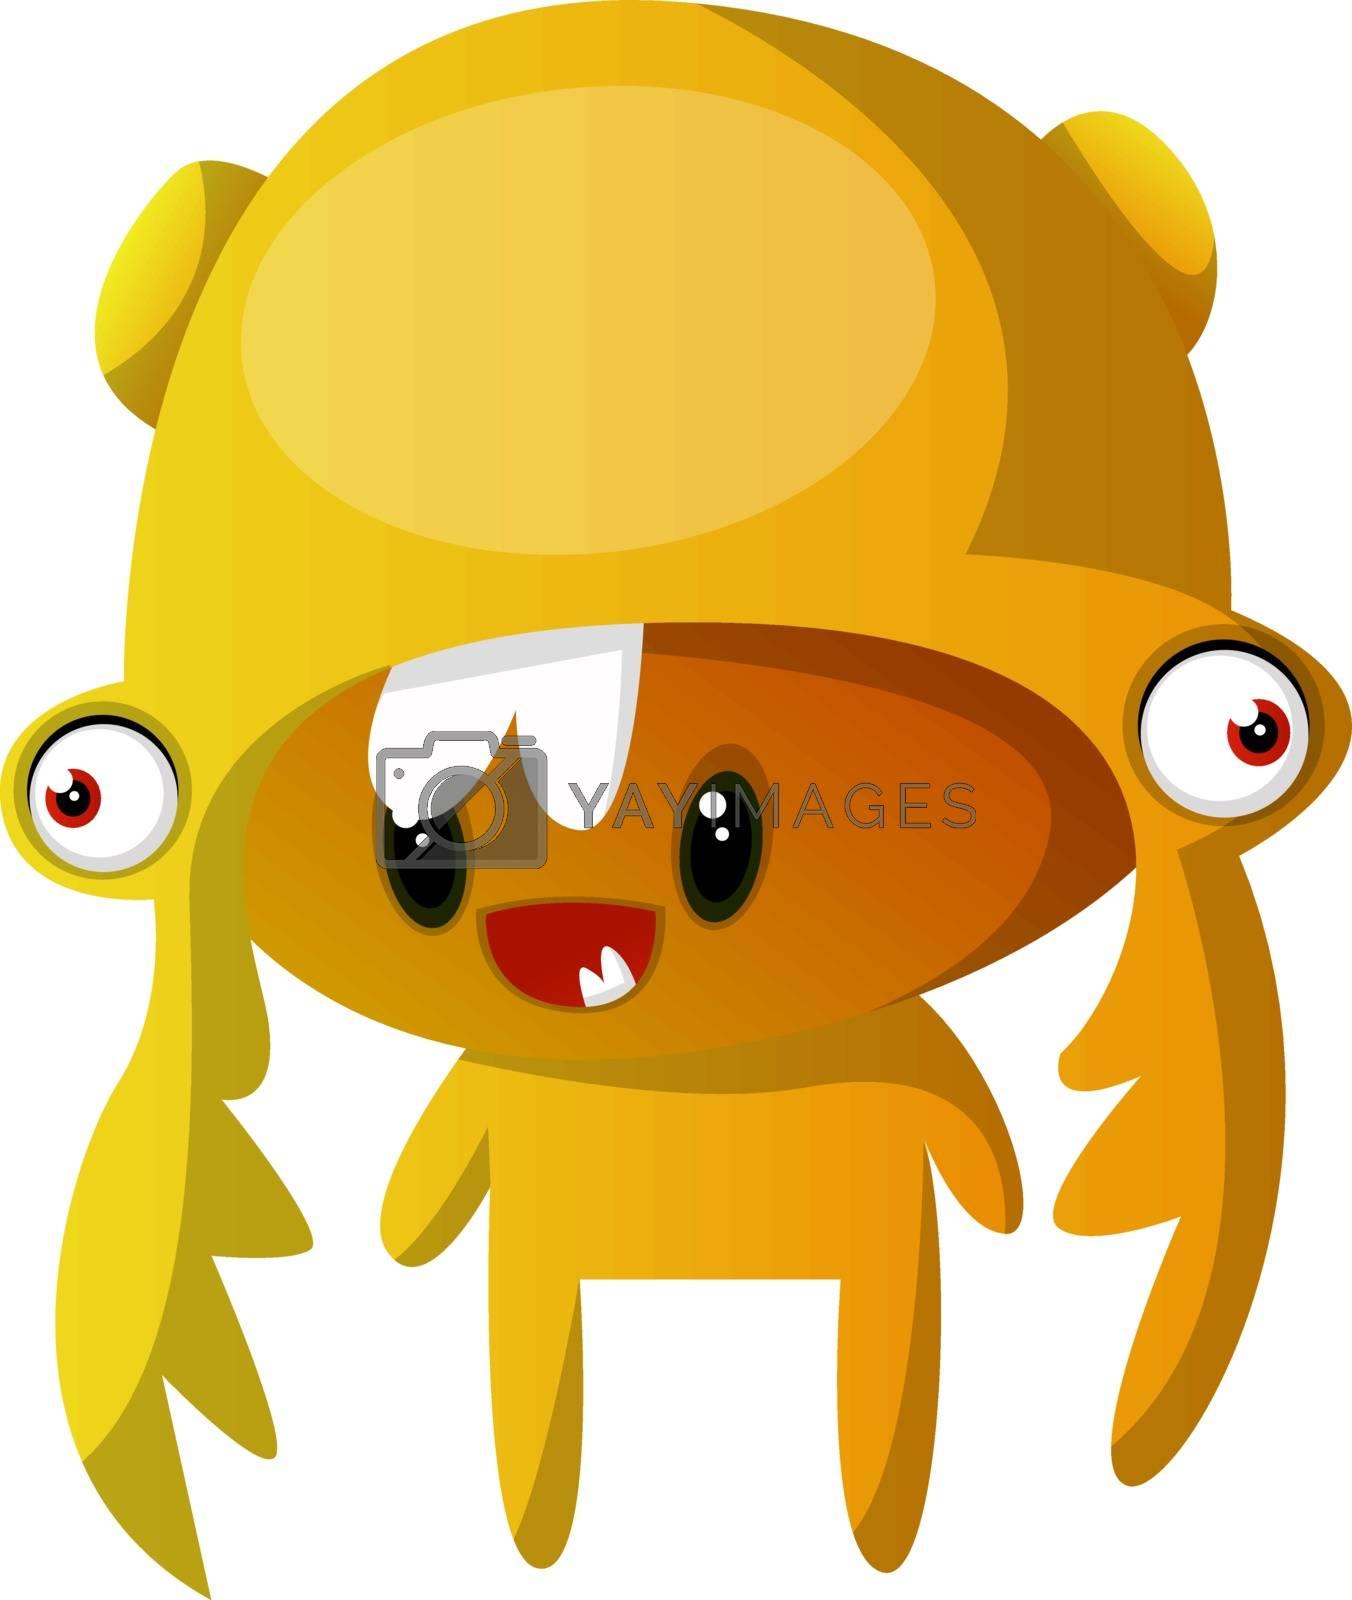 Royalty free image of Orange mutant monster illustration vector on white background by Morphart